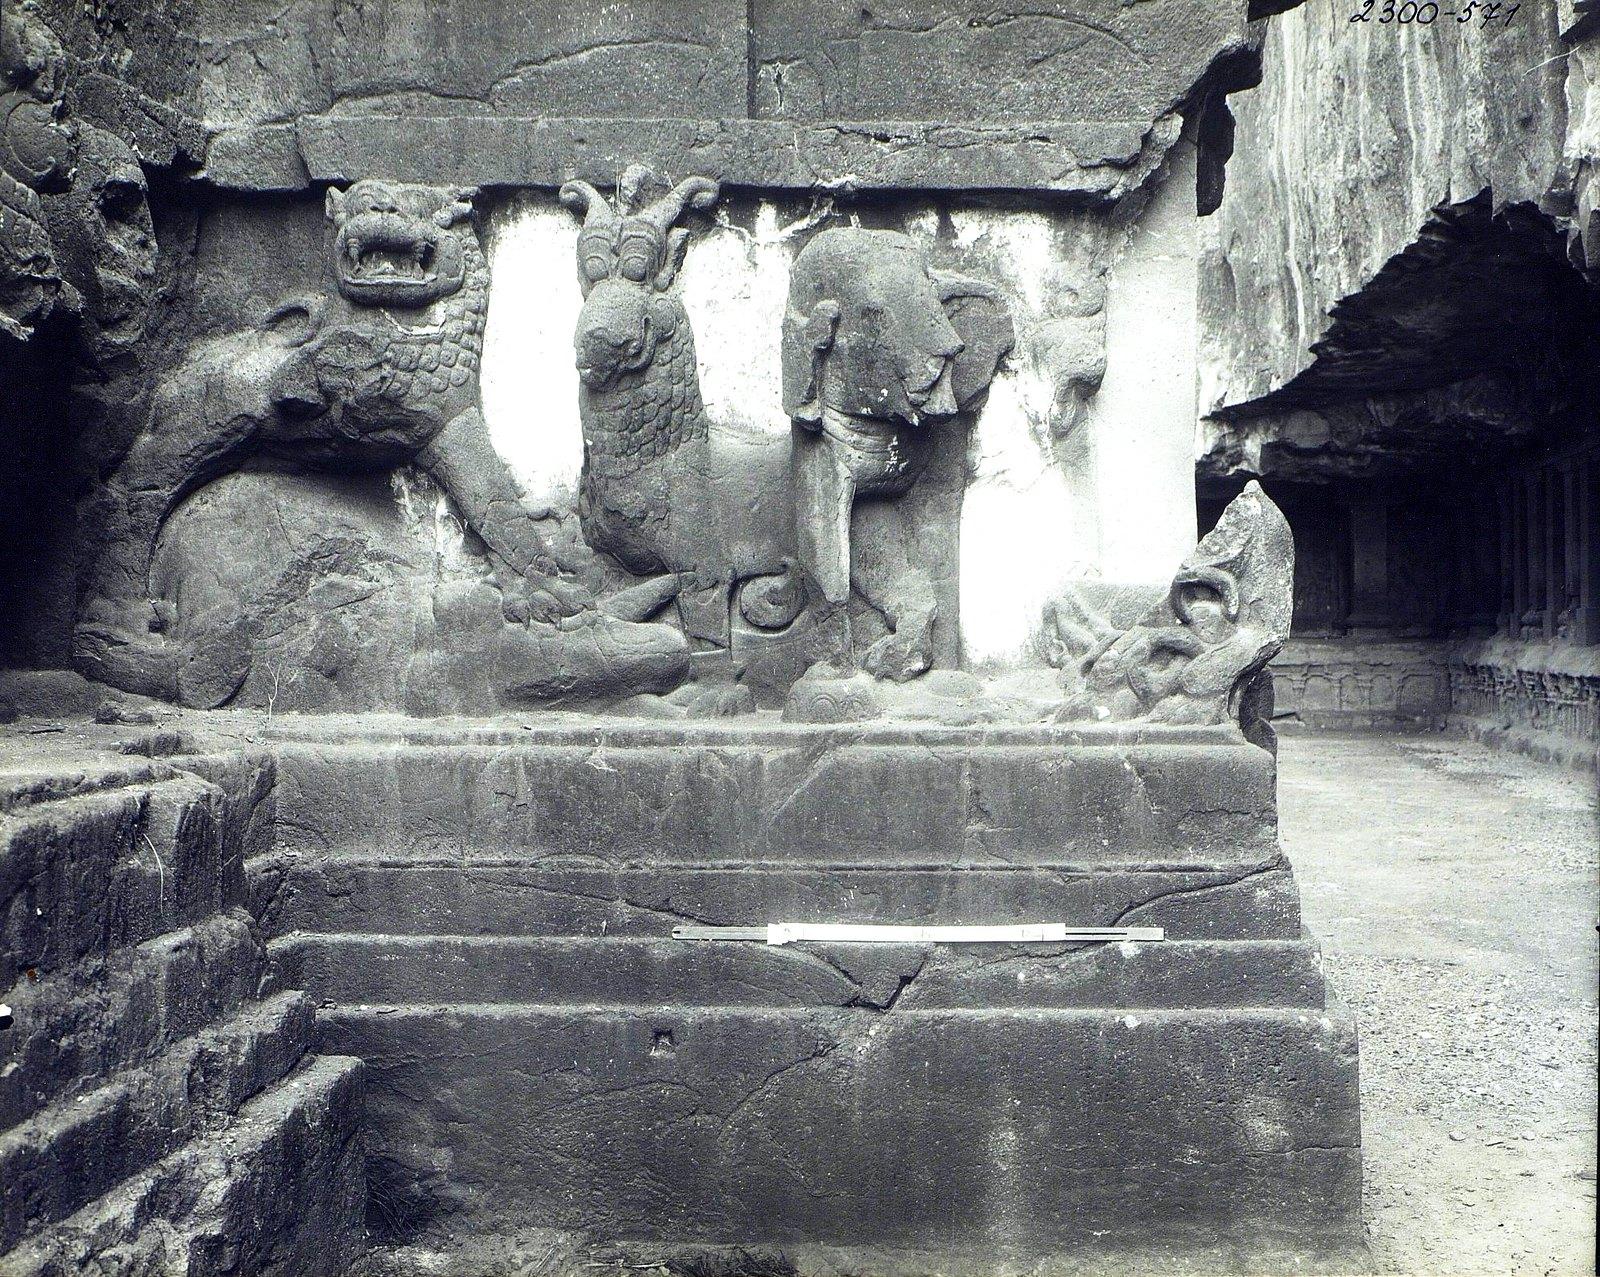 Храм Кайласа в Эллоре (деталь рельефа со слонами и львами) (5)